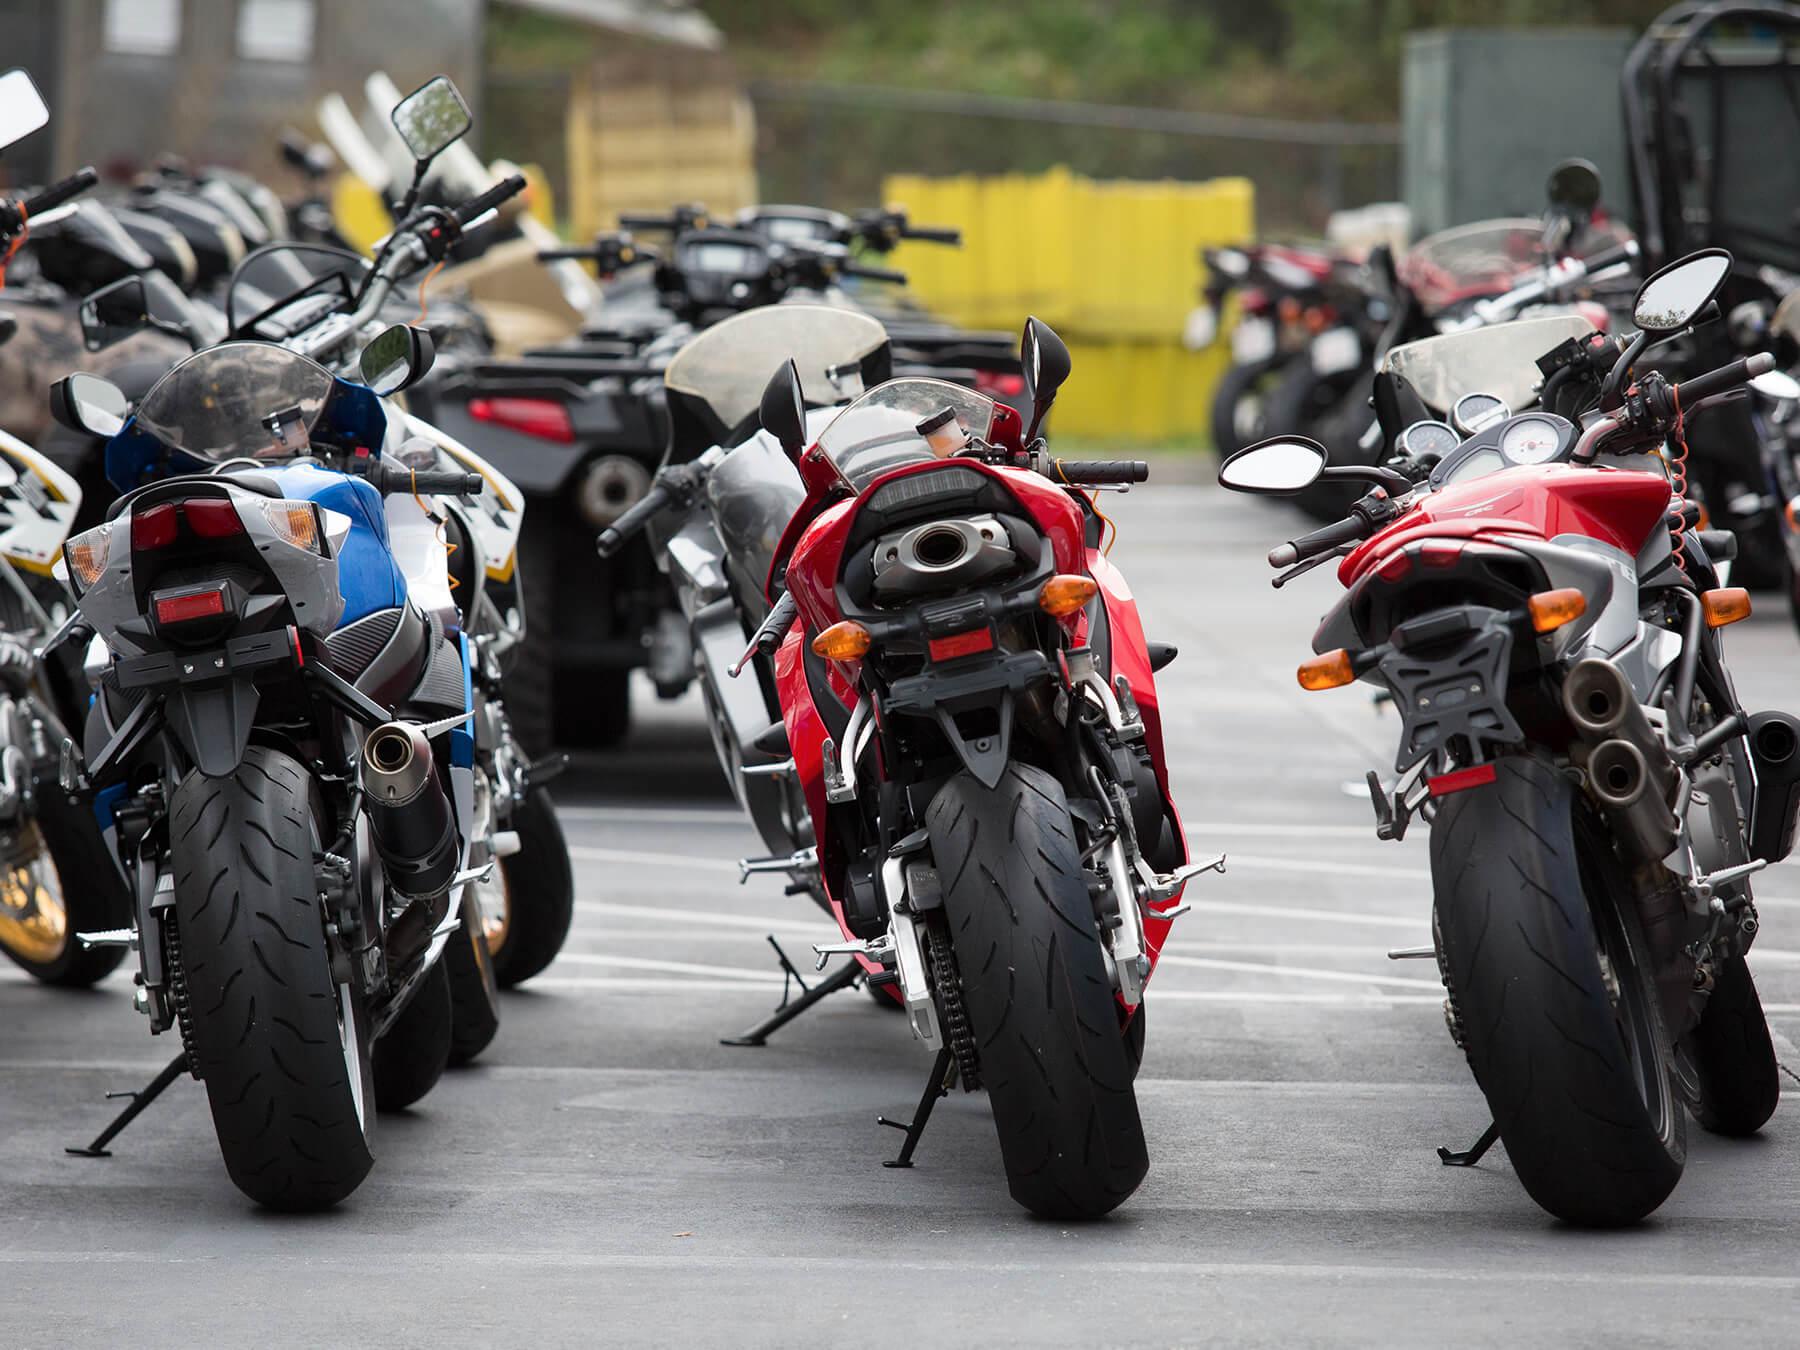 New Honda Bike Launch in India 2013